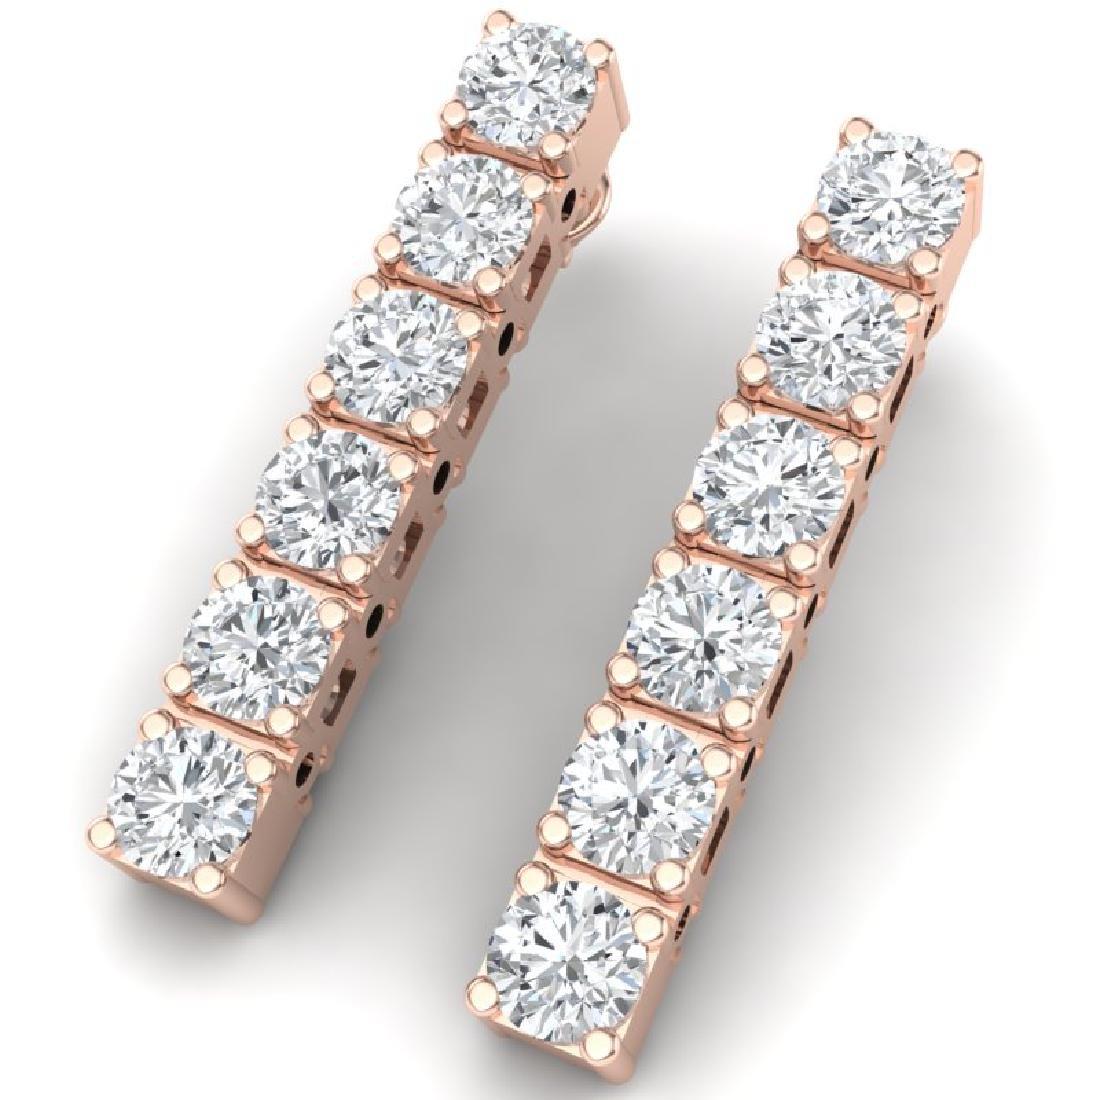 6 CTW Certified SI Diamond Earrings 18K Rose Gold